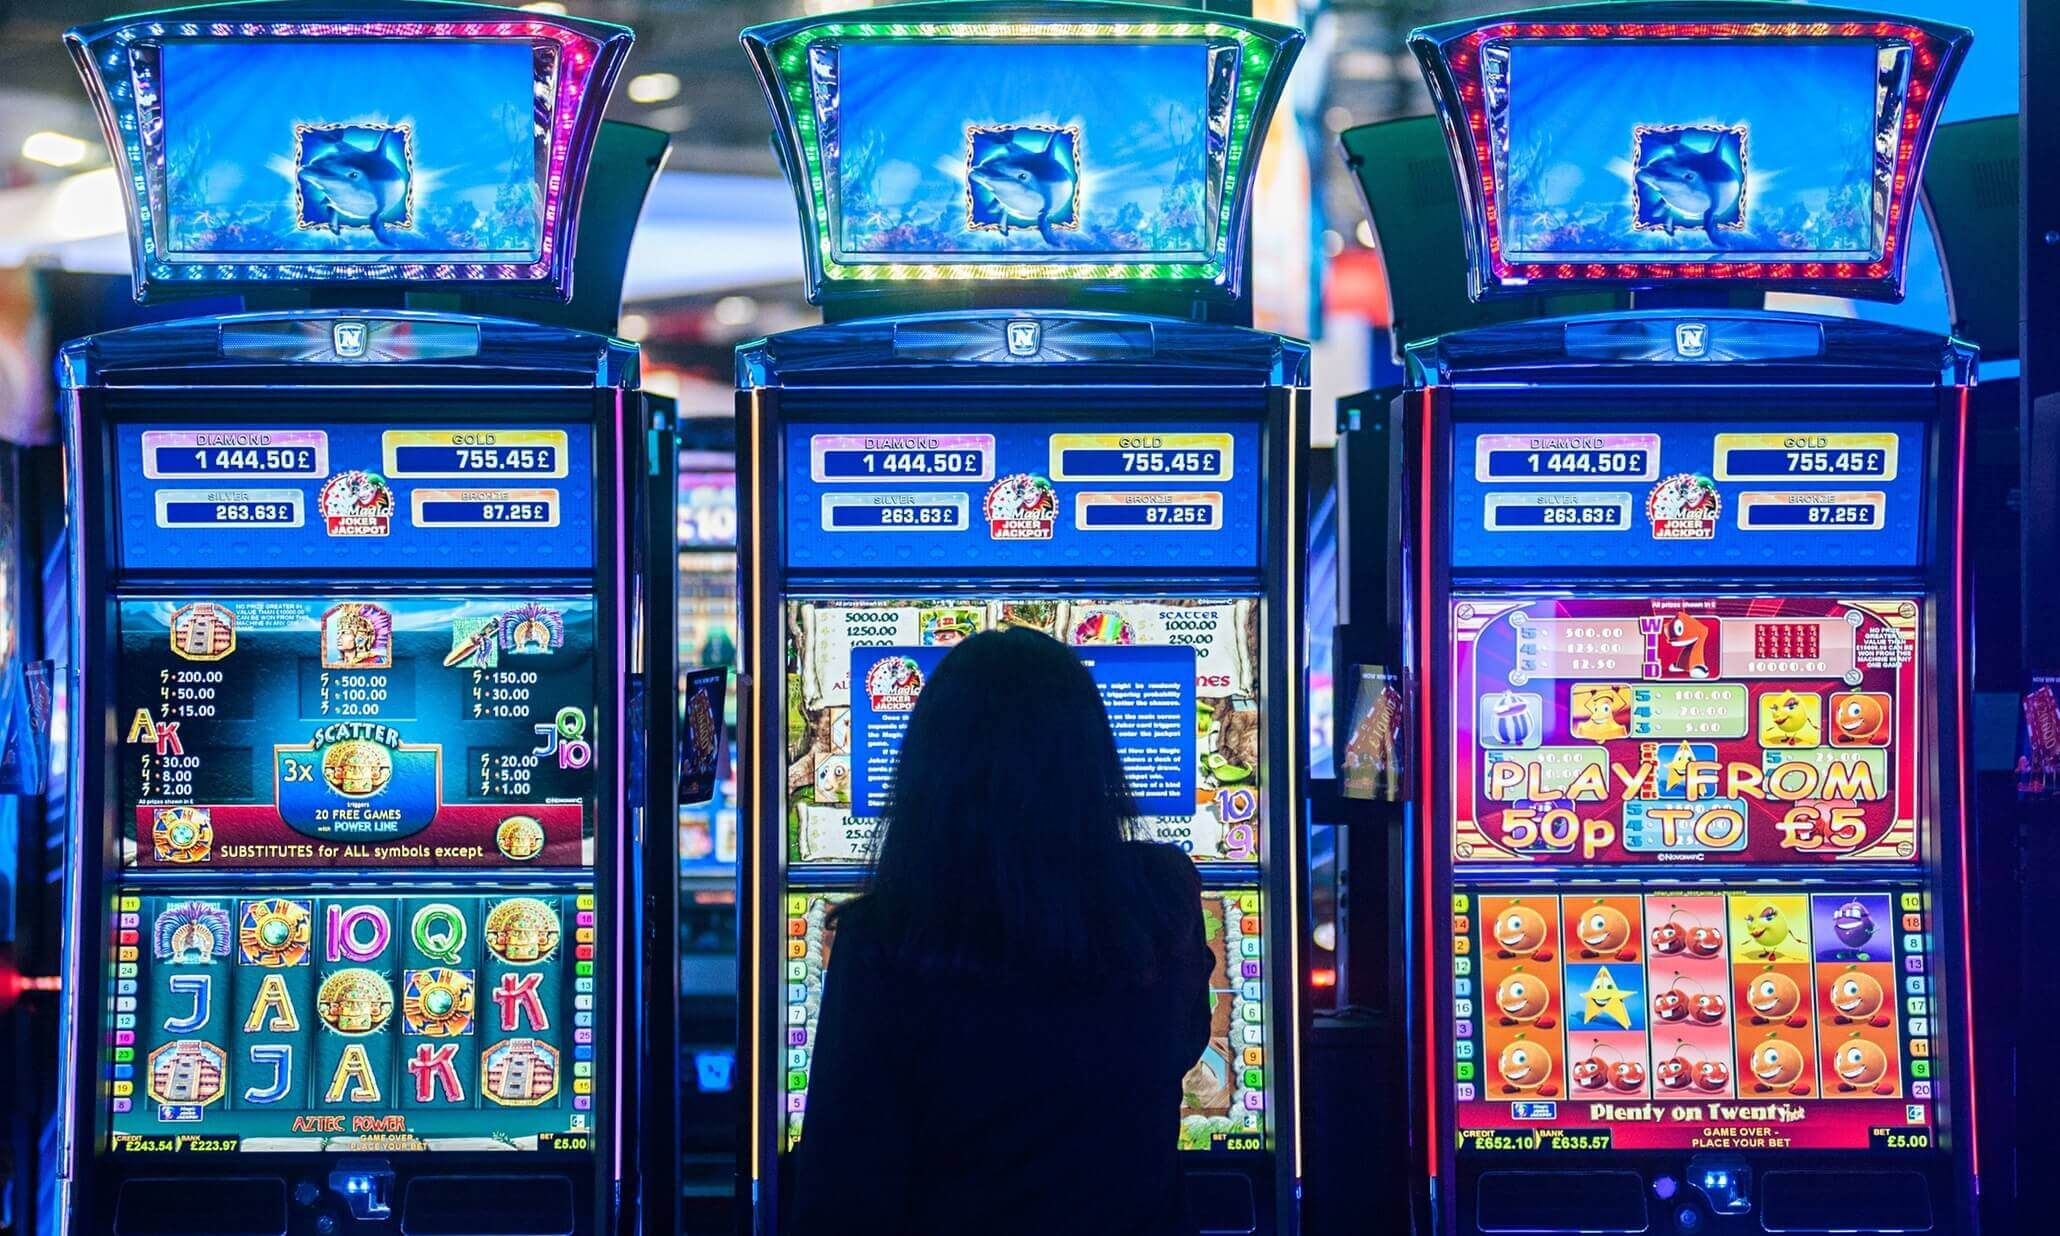 Где в воронеже поиграть в игровые автоматы 777 игровые автоматы онлайн бесплатно